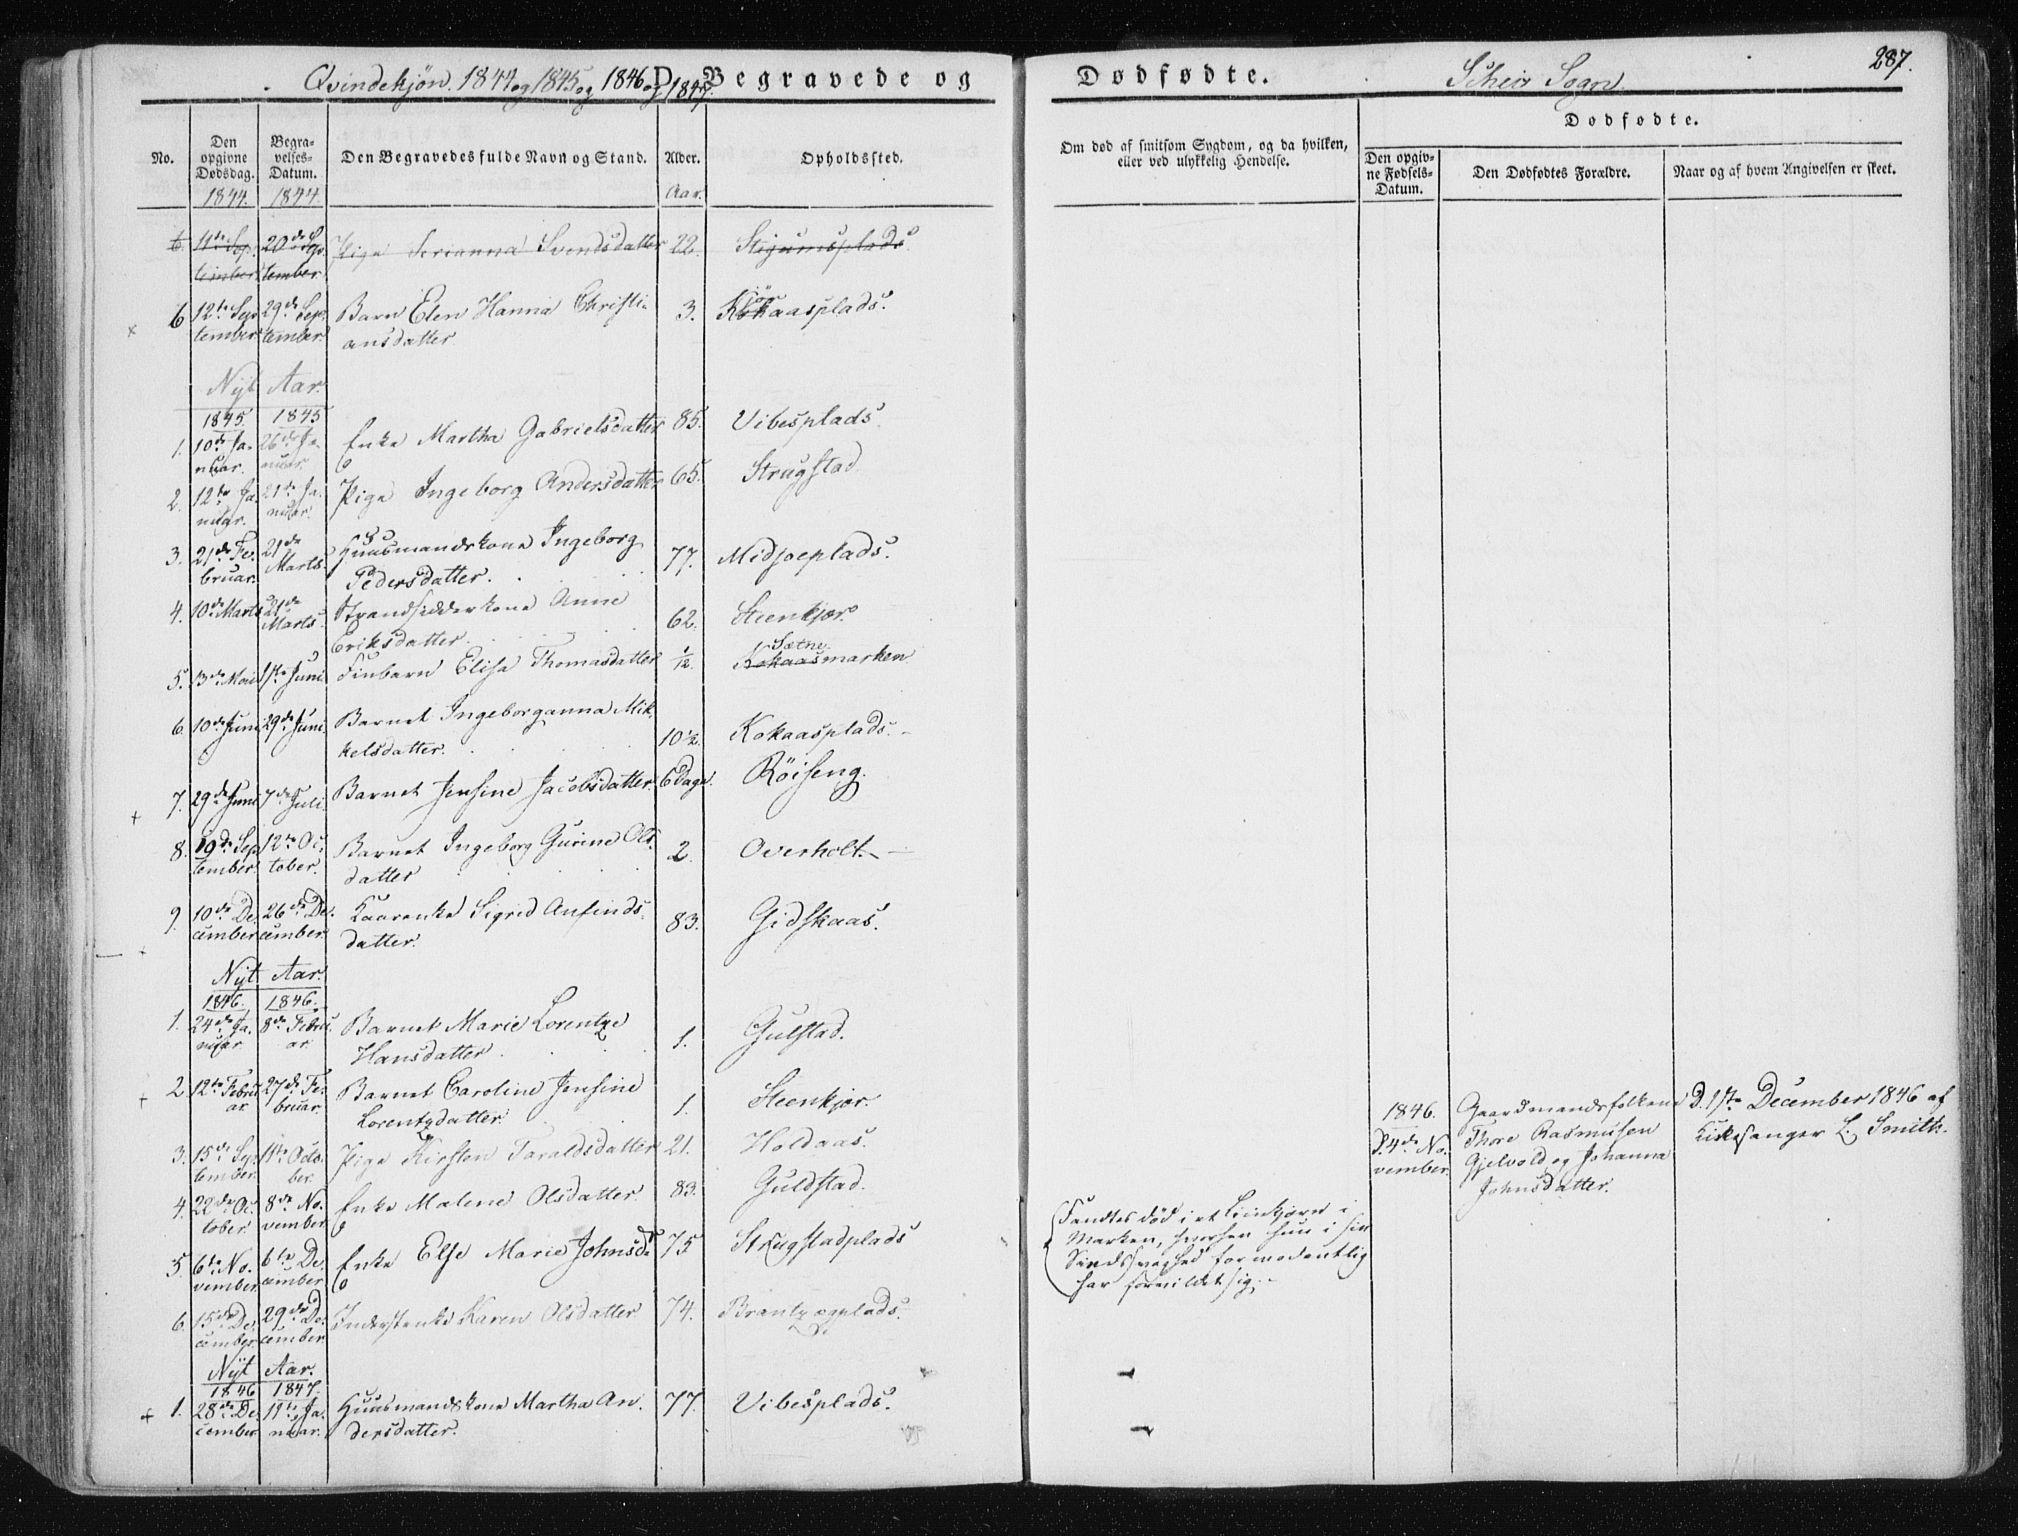 SAT, Ministerialprotokoller, klokkerbøker og fødselsregistre - Nord-Trøndelag, 735/L0339: Ministerialbok nr. 735A06 /2, 1836-1848, s. 287